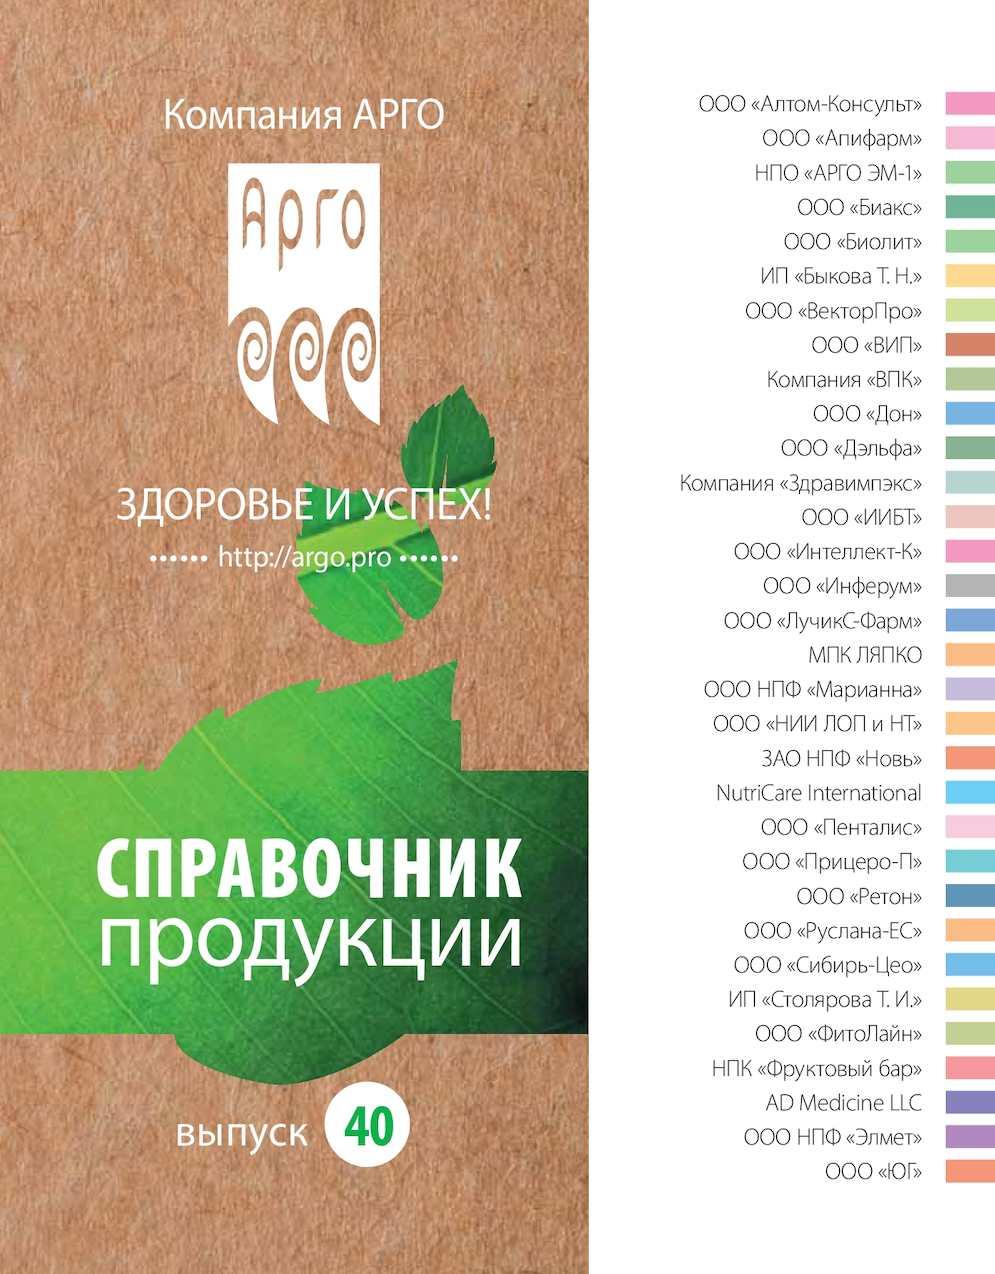 Трава вероника лекарственная - свойства, применение, видео